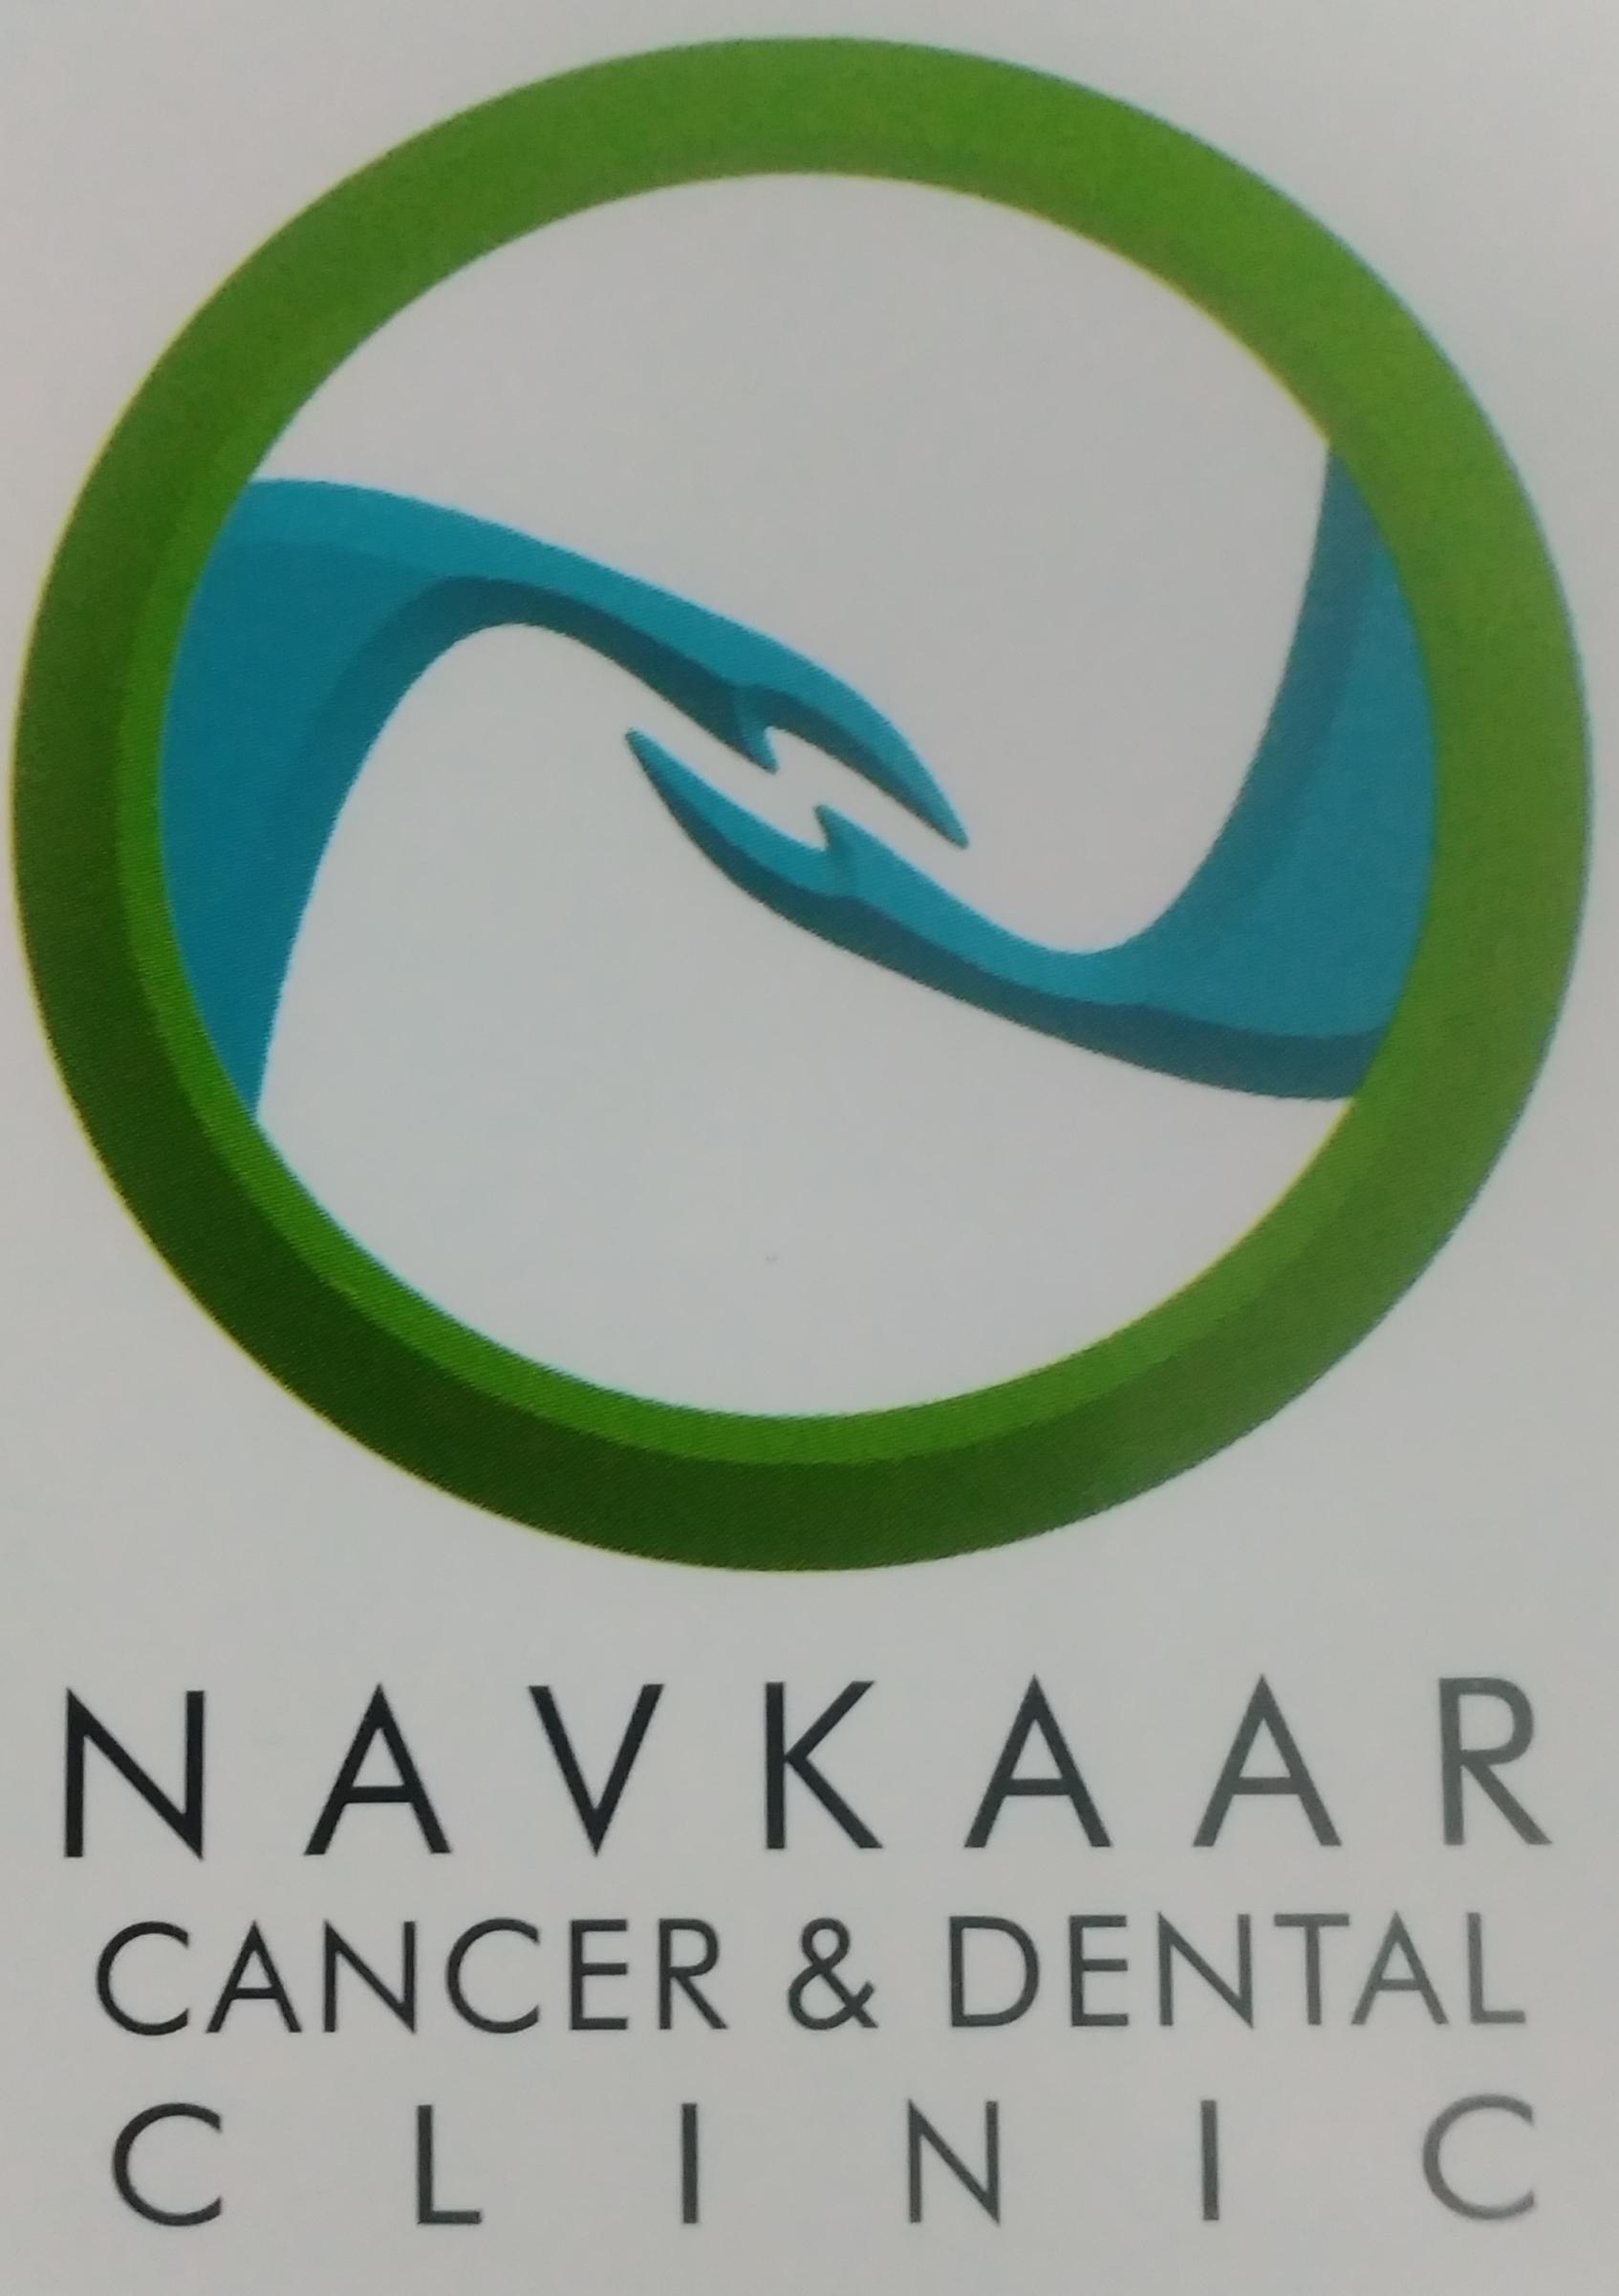 Navkaar Cancer and Dental Clinic